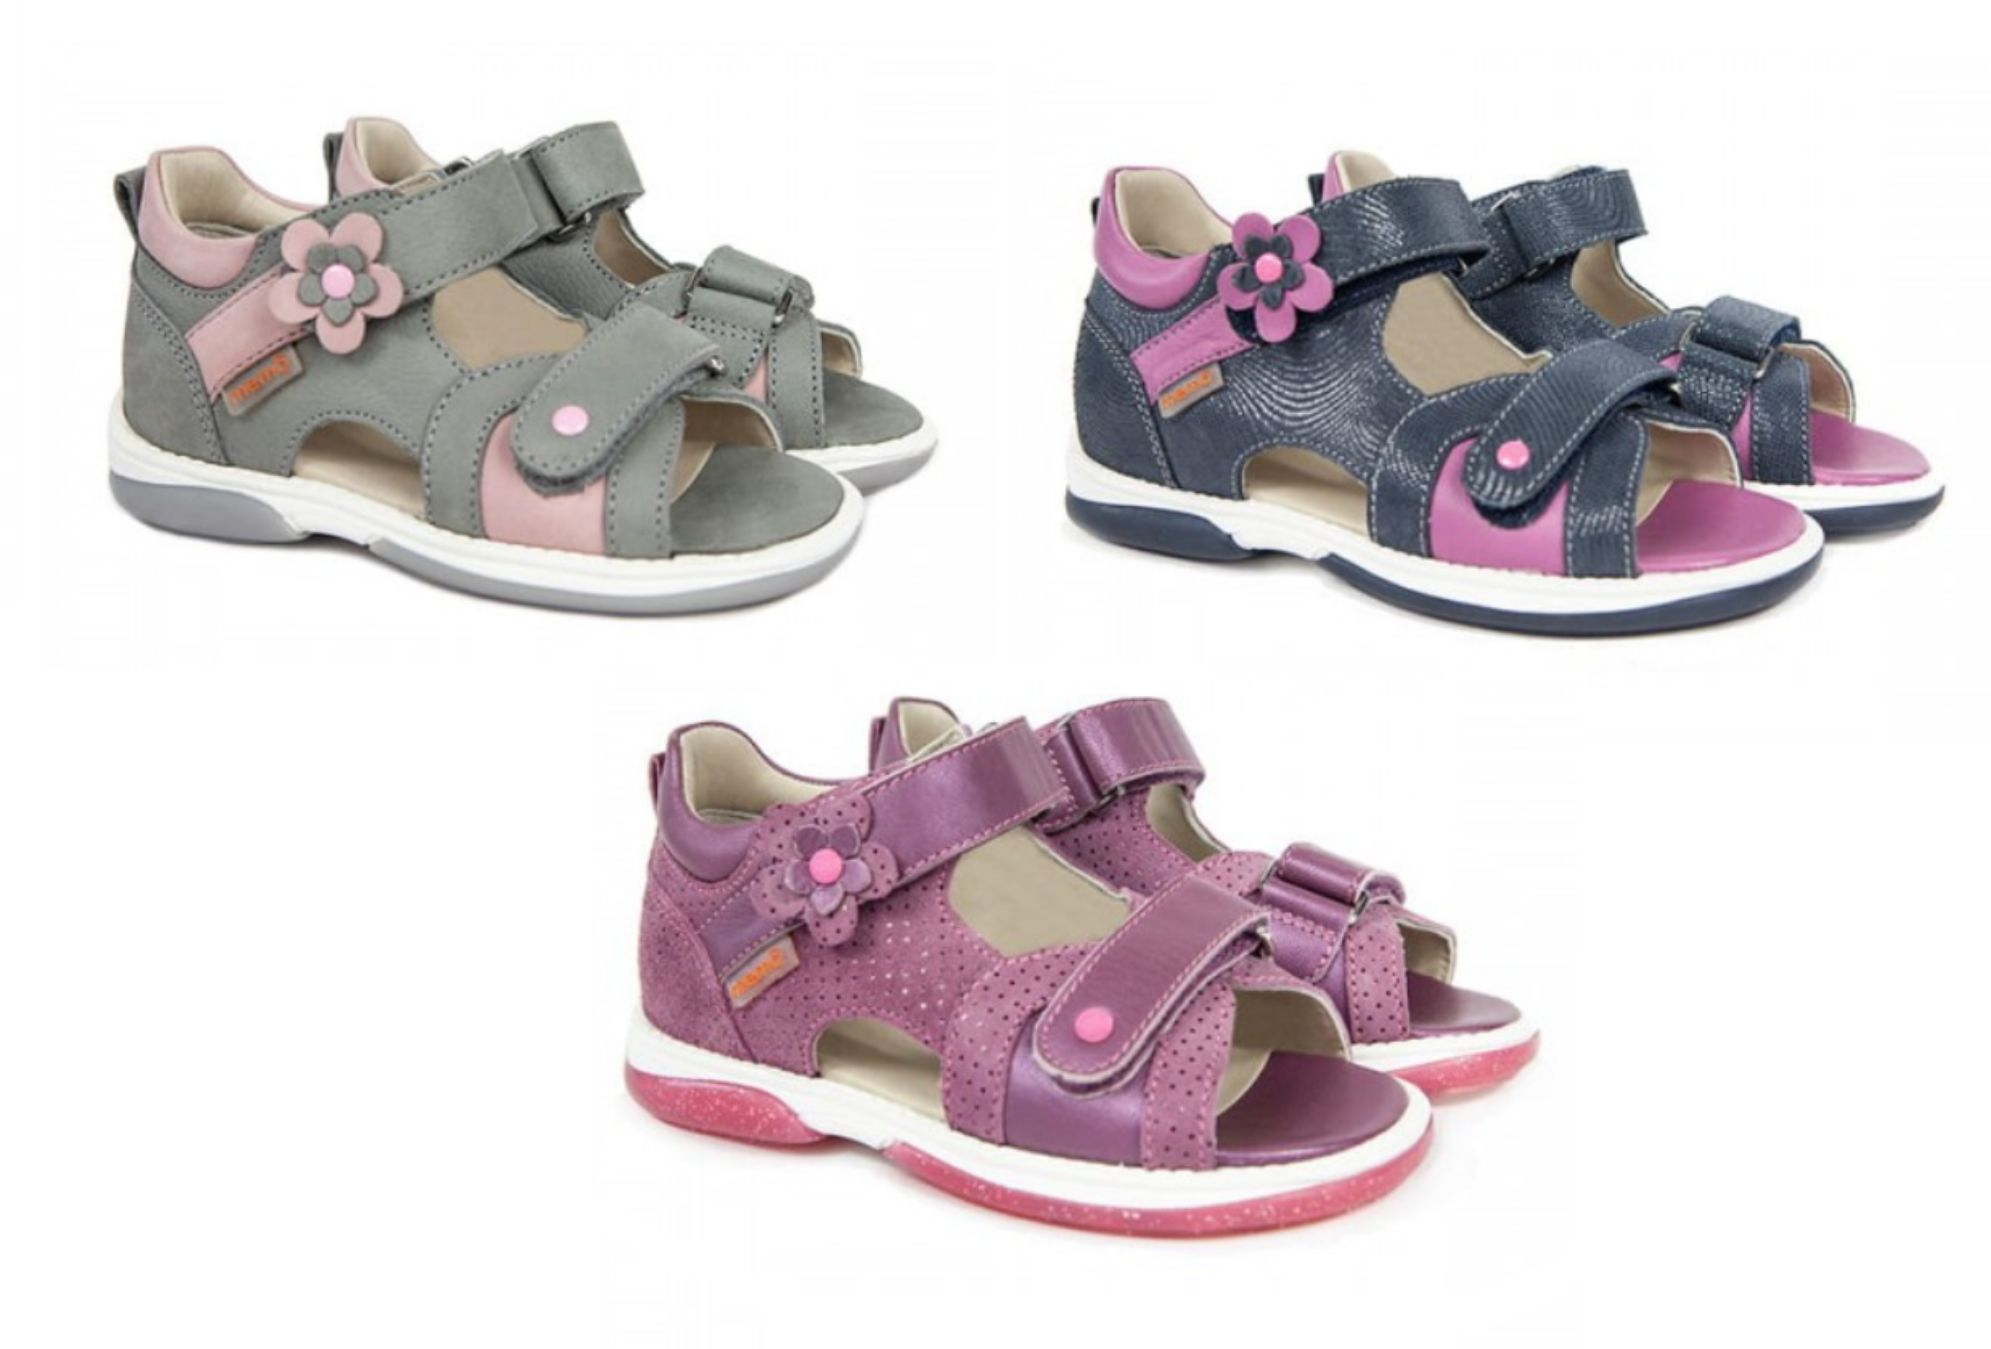 Niskie sandałki dla dziewczynki z podeszwą diagnostyczną + obcas Thomasa - profilaktyczne buty Memo (Kristina)